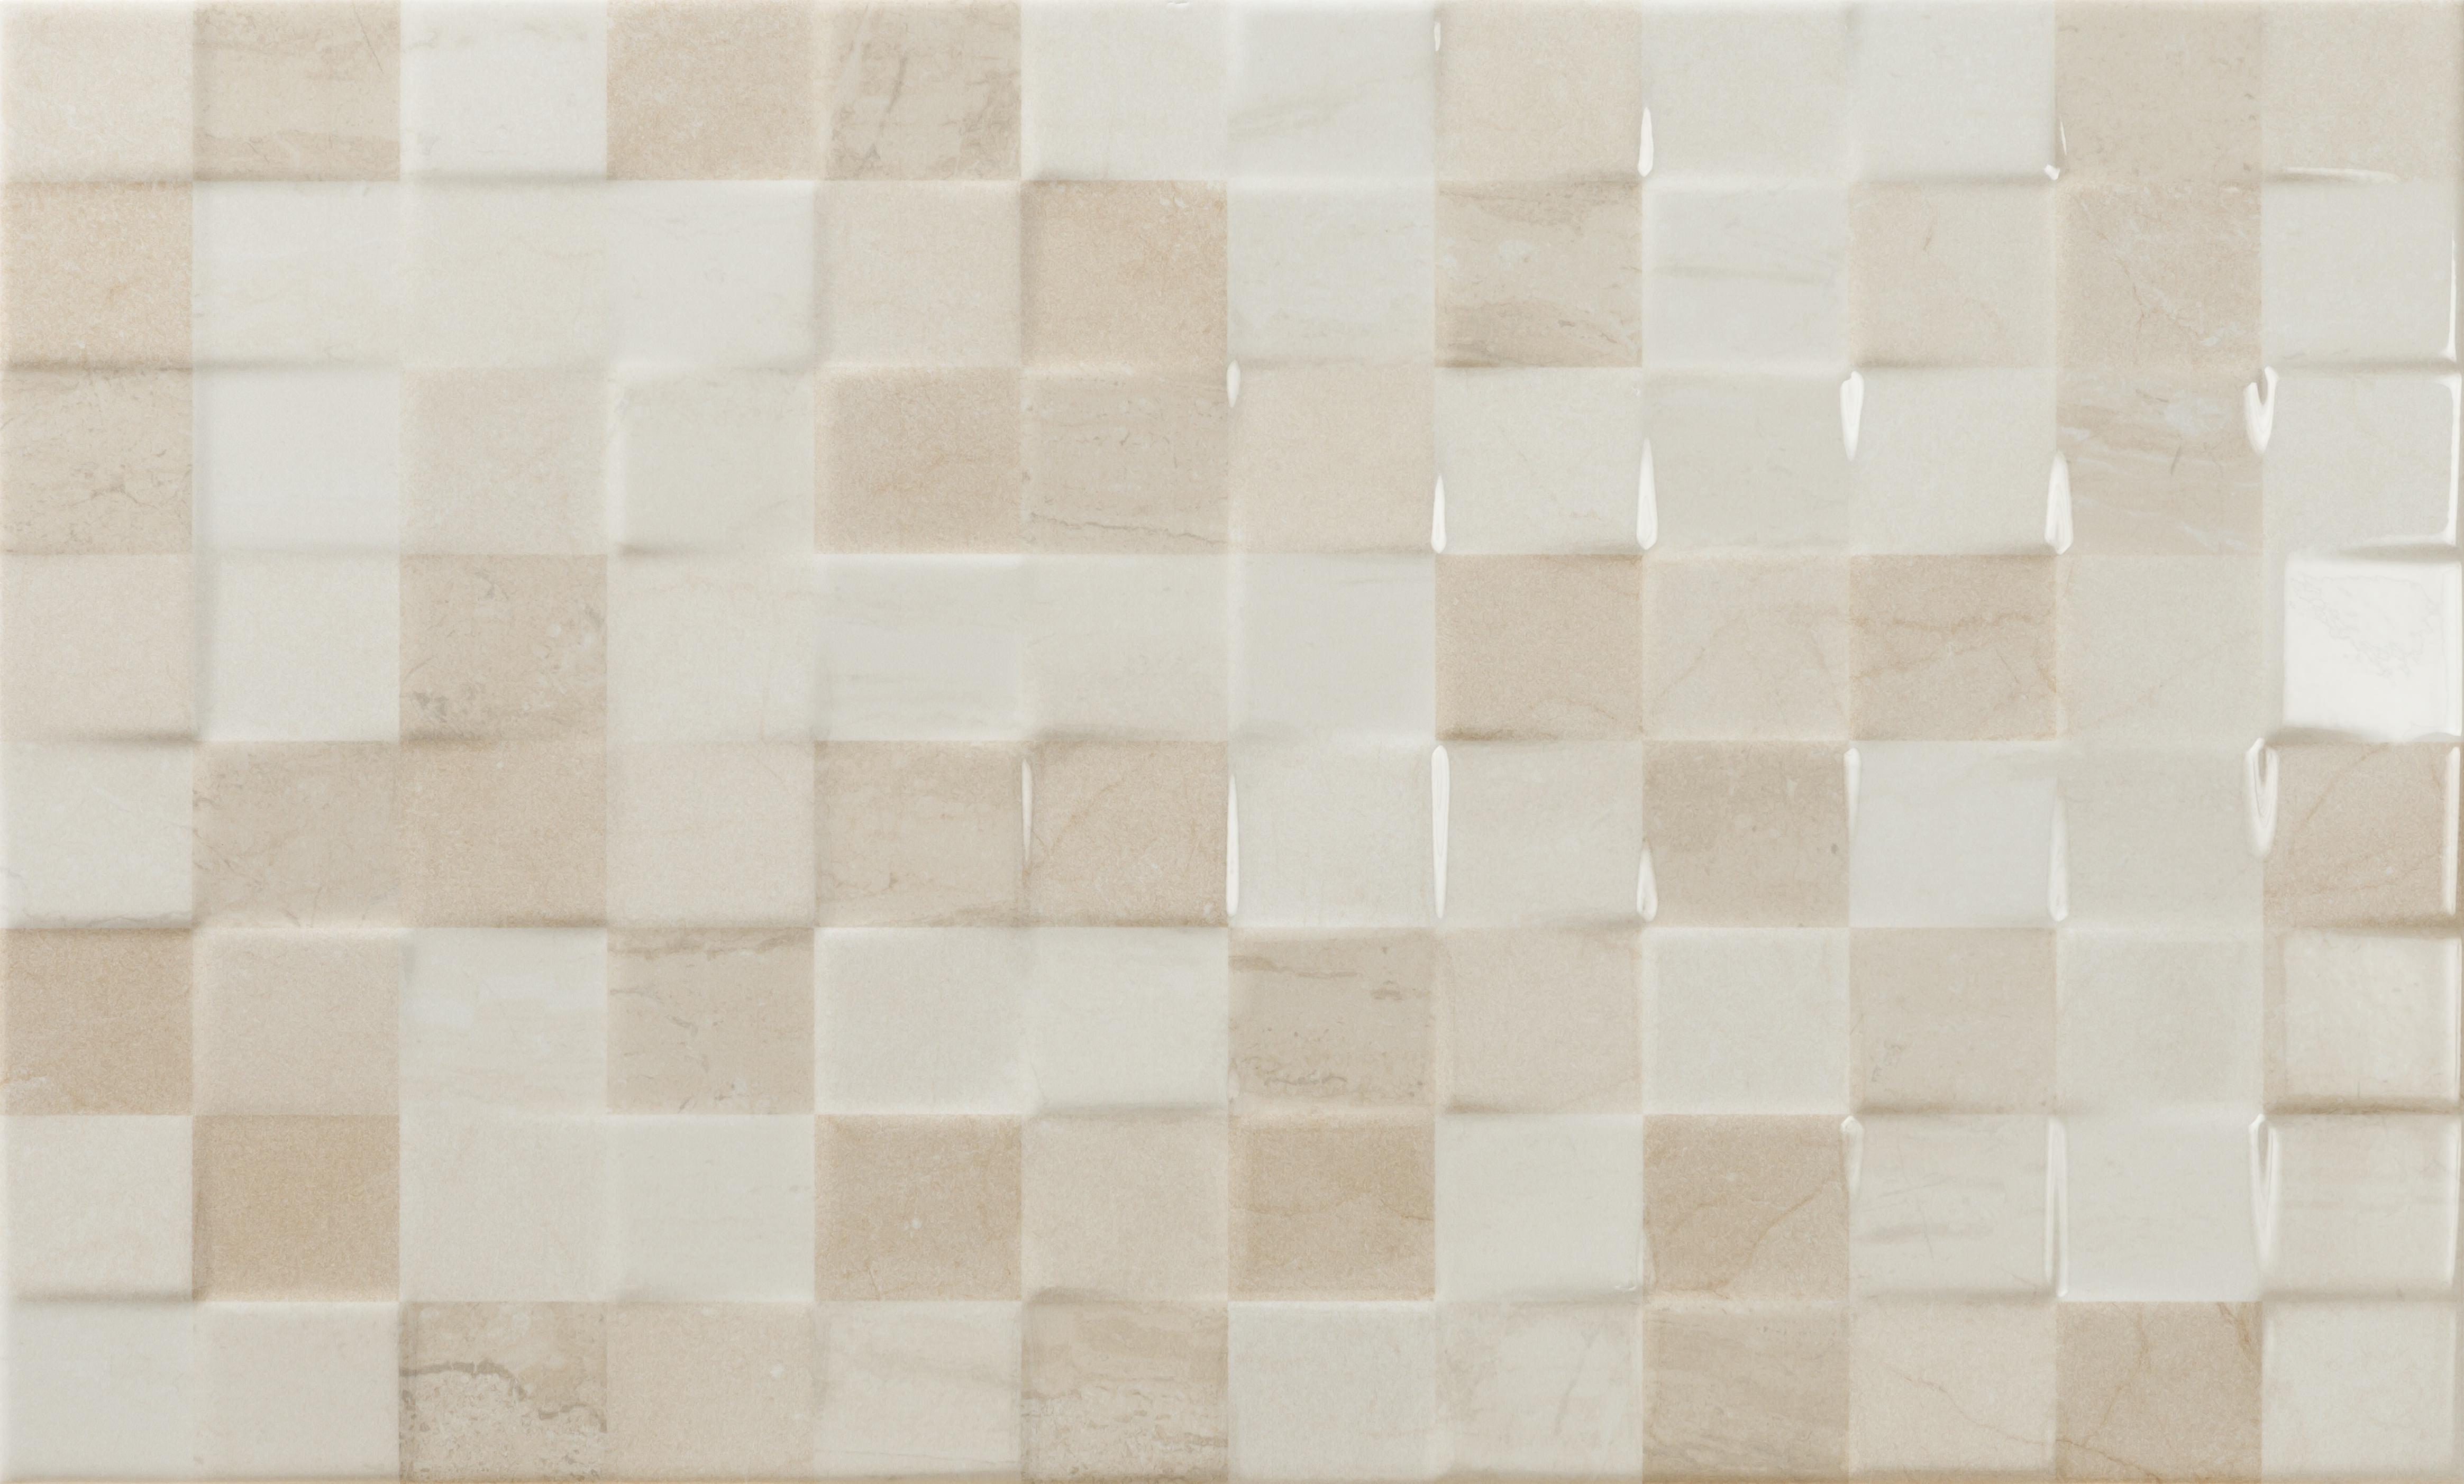 Faianță pentru baie Ecoceramic Aspen Relief Milano 333x550 texturată și lucioasă bej / 10